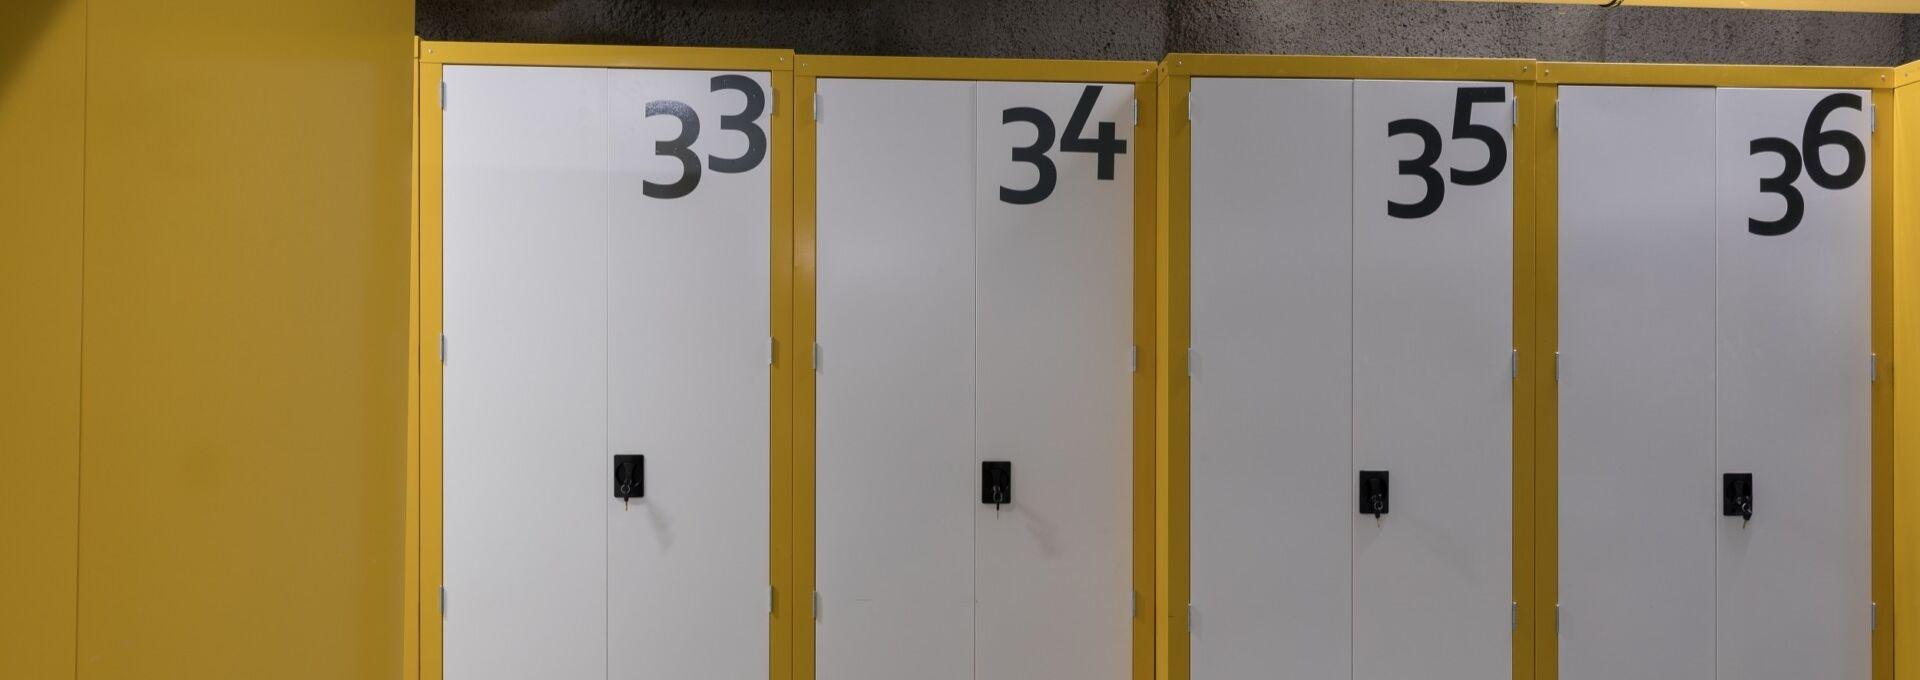 projects_kepa_rd_lockers_2